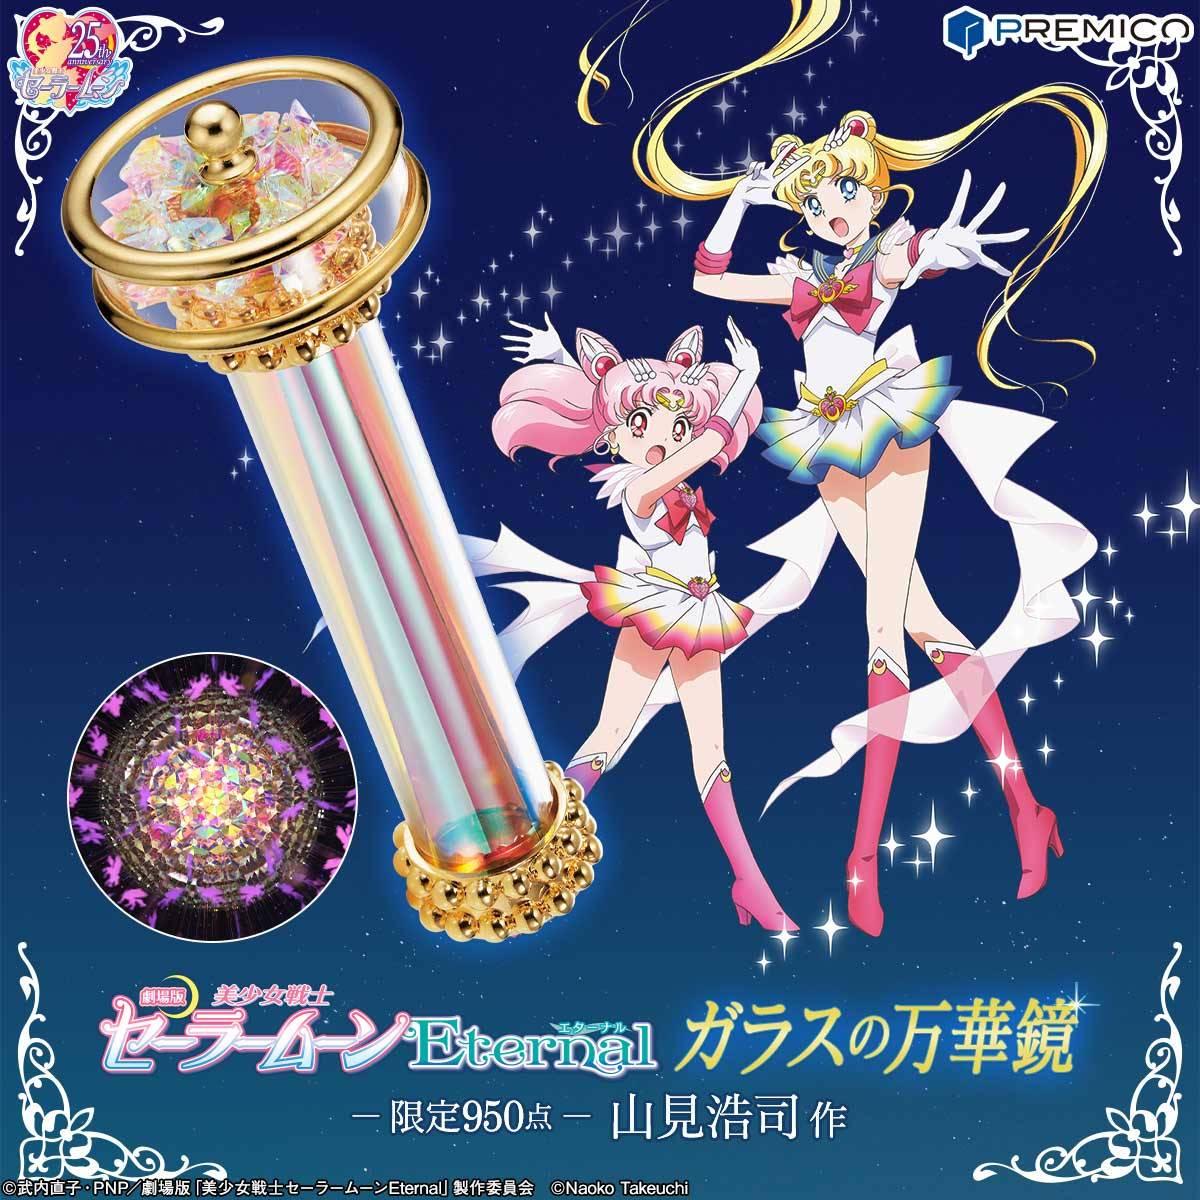 劇場版『美少女戦士セーラームーンEternal』公開記念! 世界的作家による『ガラスの万華鏡』発売